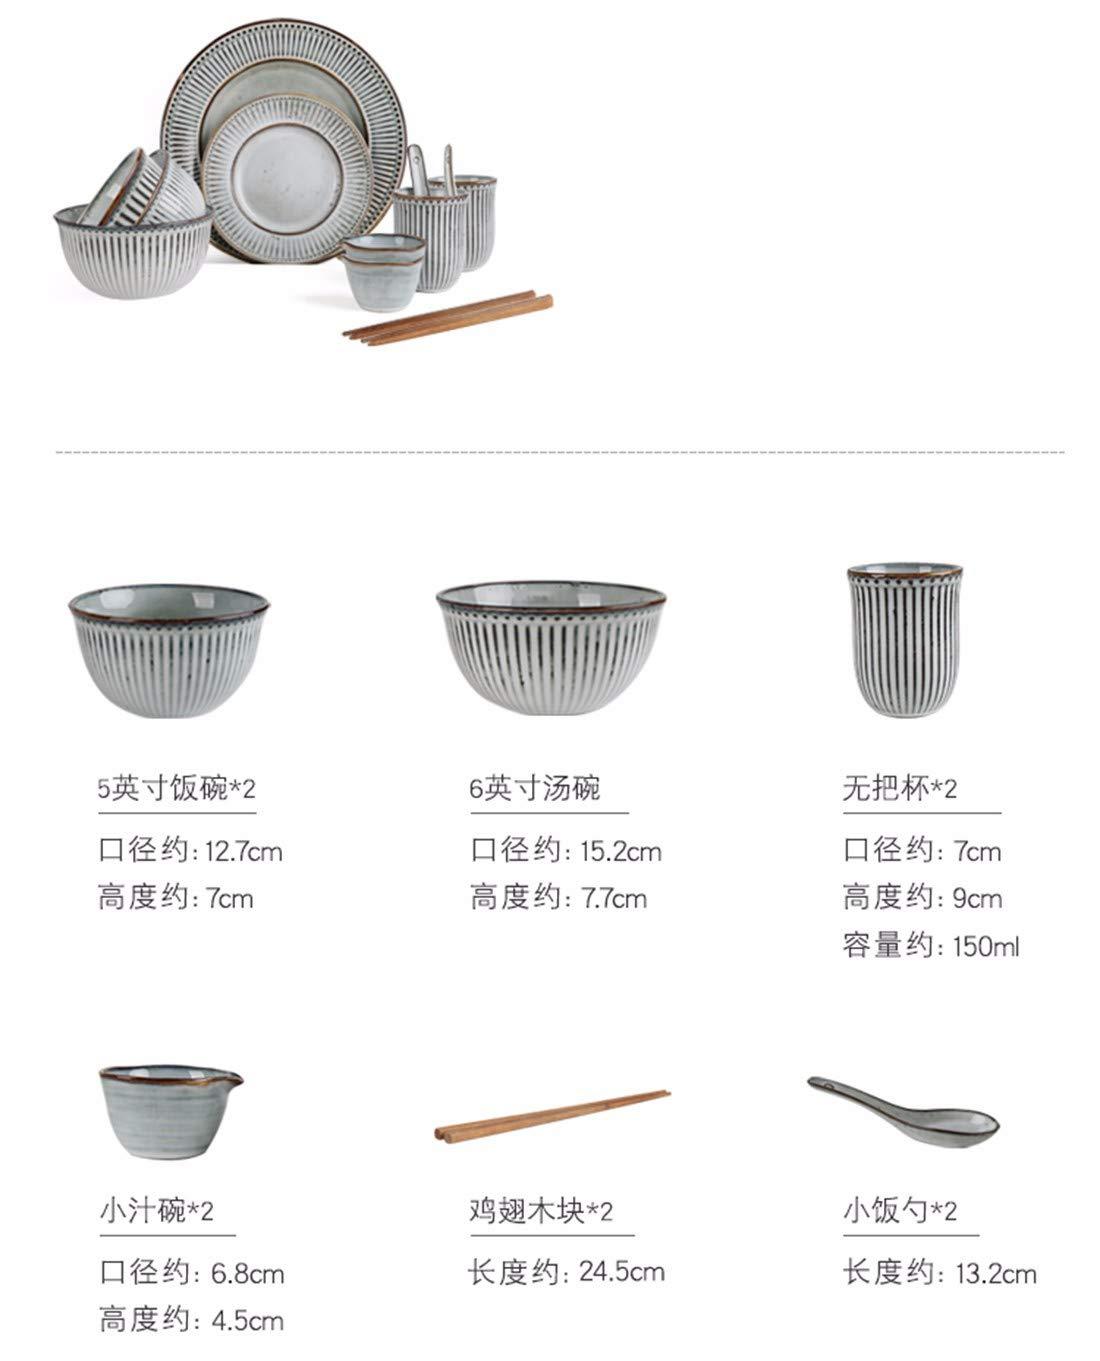 QPGGP-Platte japanische keramischen haushaltswaren und setzen der Gerichte,d